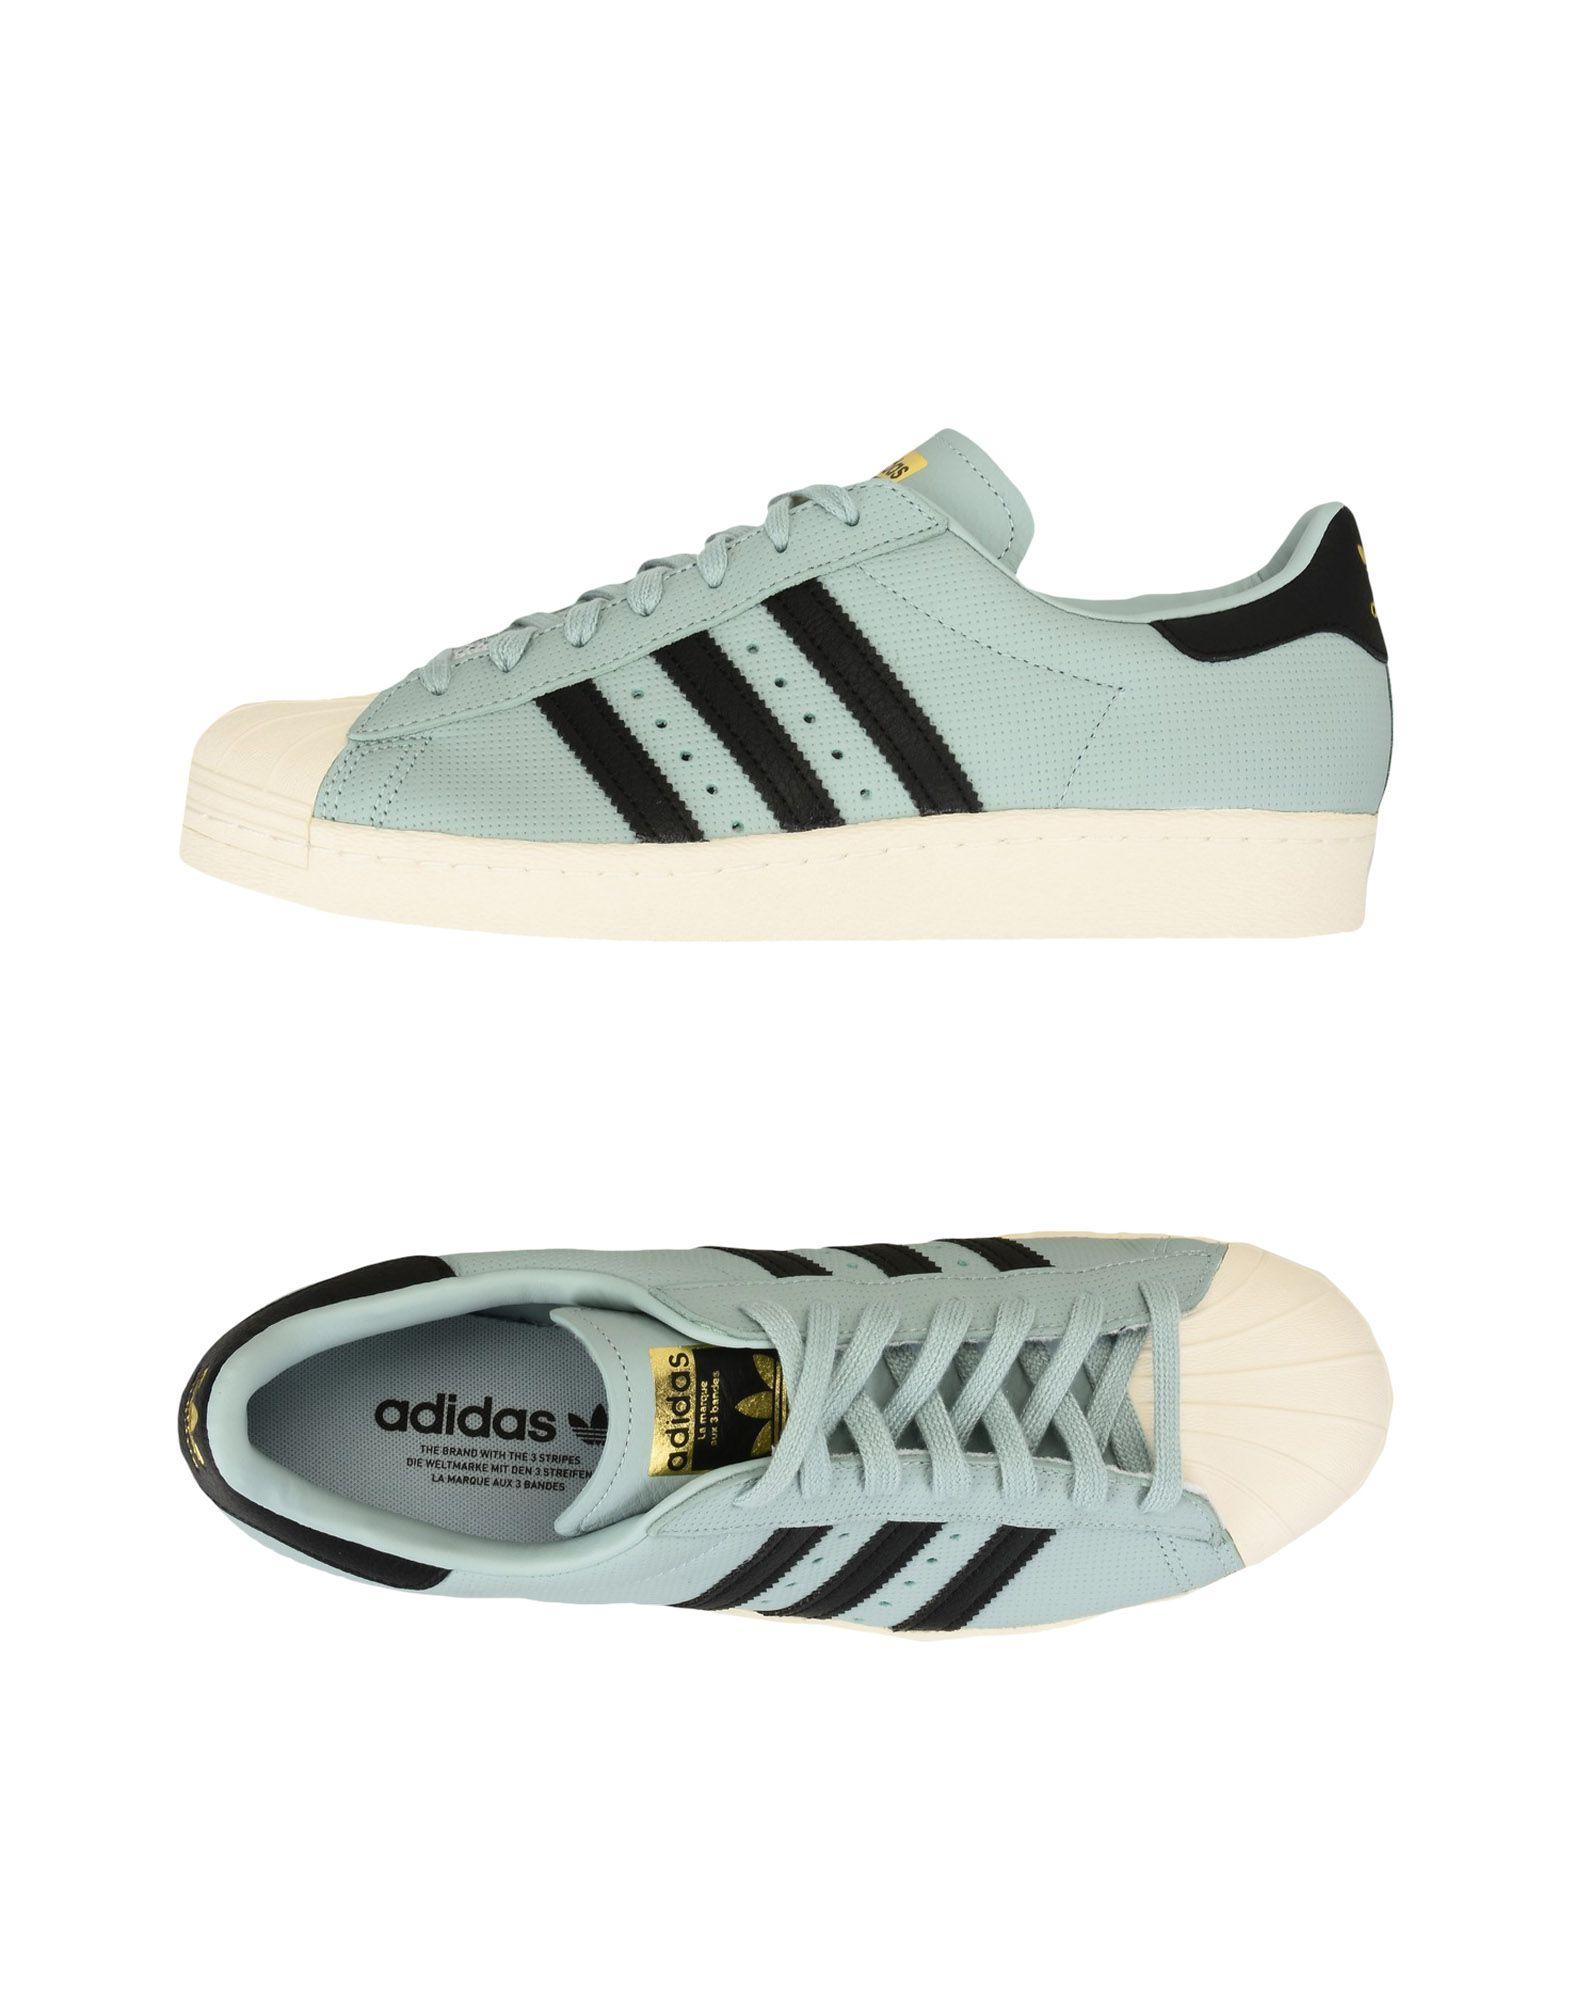 Adidas Originals Superstar 80S 80S 80S - Sneakers - Men Adidas Originals Sneakers online on  United Kingdom - 11325572KB 92de21